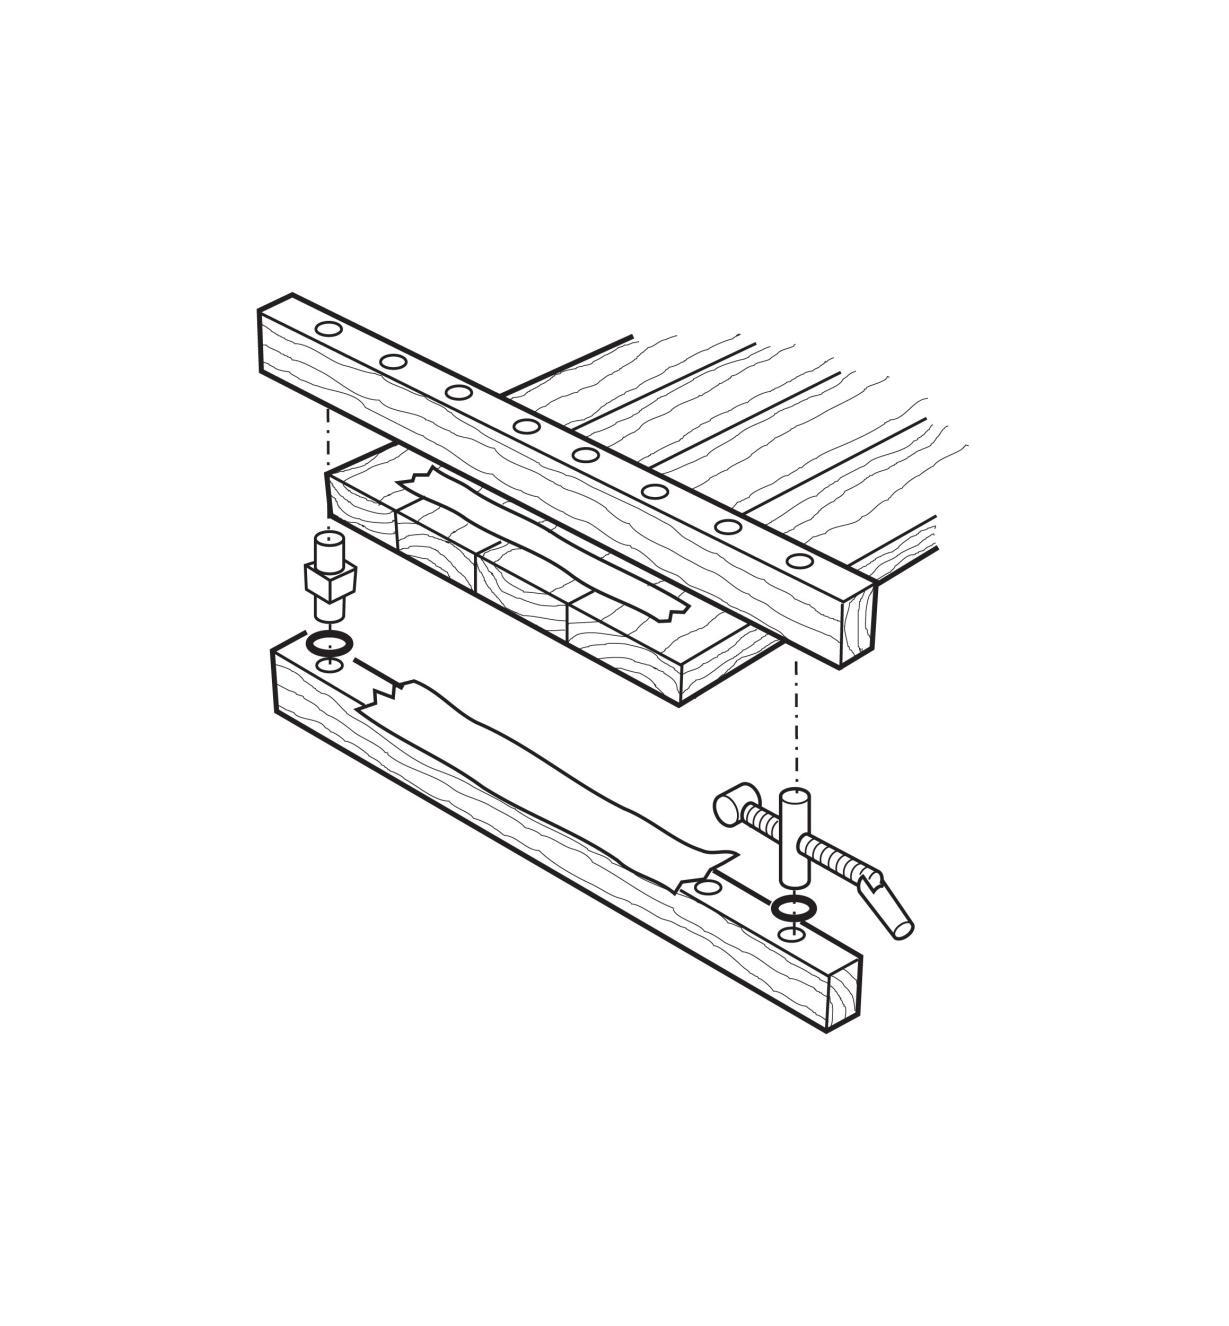 05G1601 - Serre-joint pour panneaux